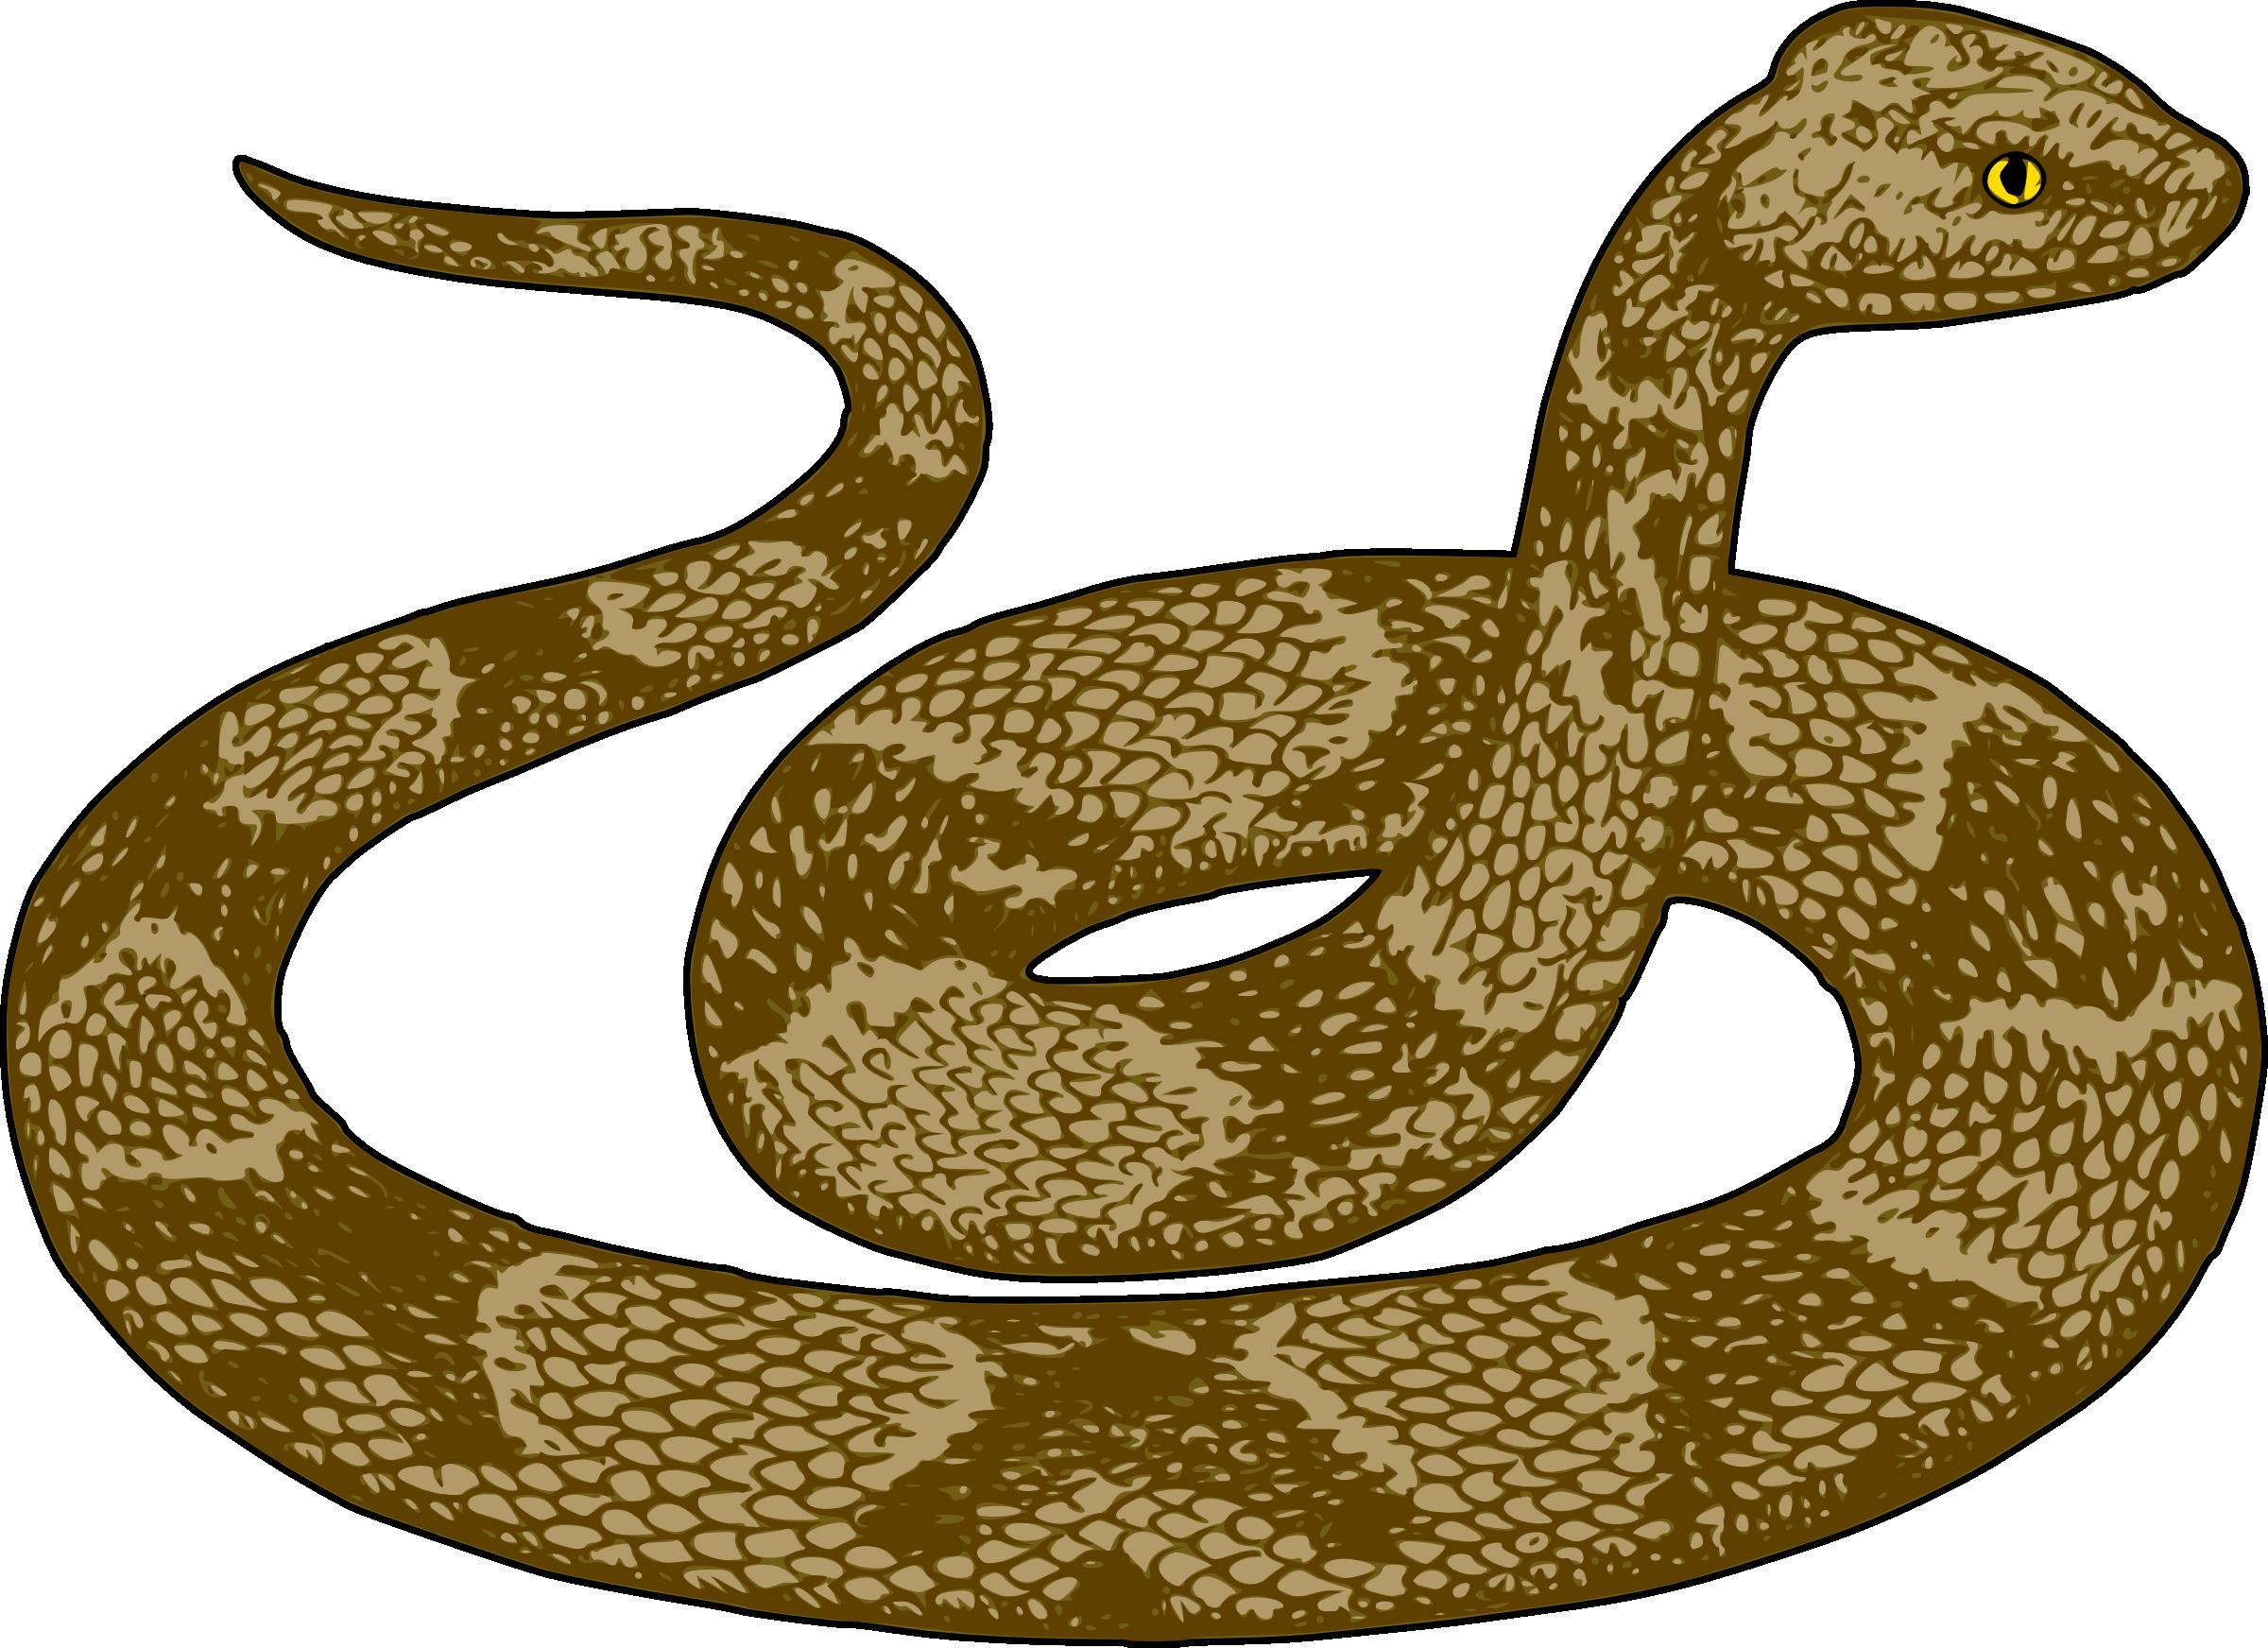 snake clipart - Snake Clipart